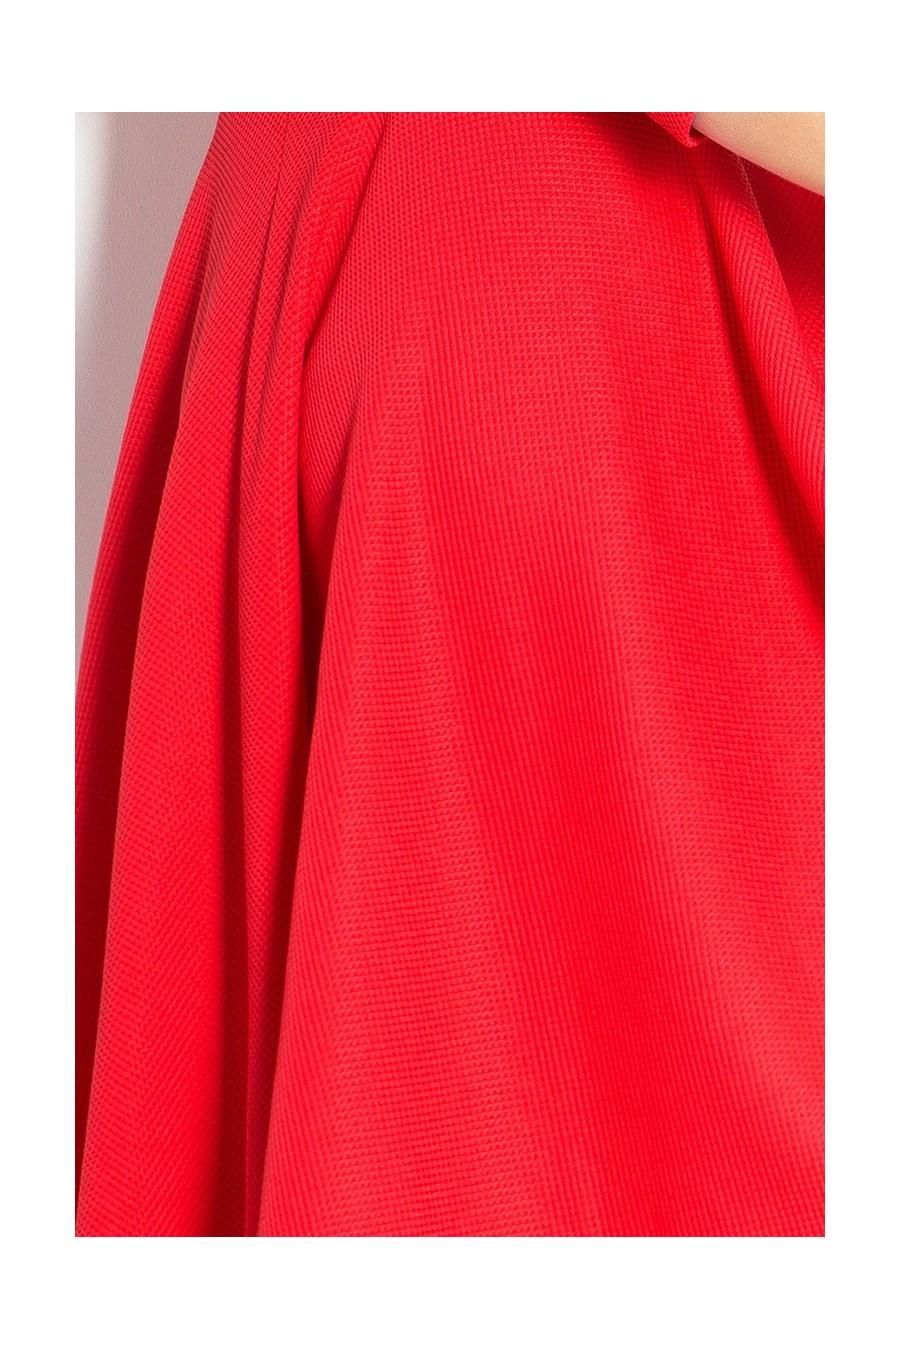 Šaty s 3/4 rukávy a delší zadní - cervená 90-4